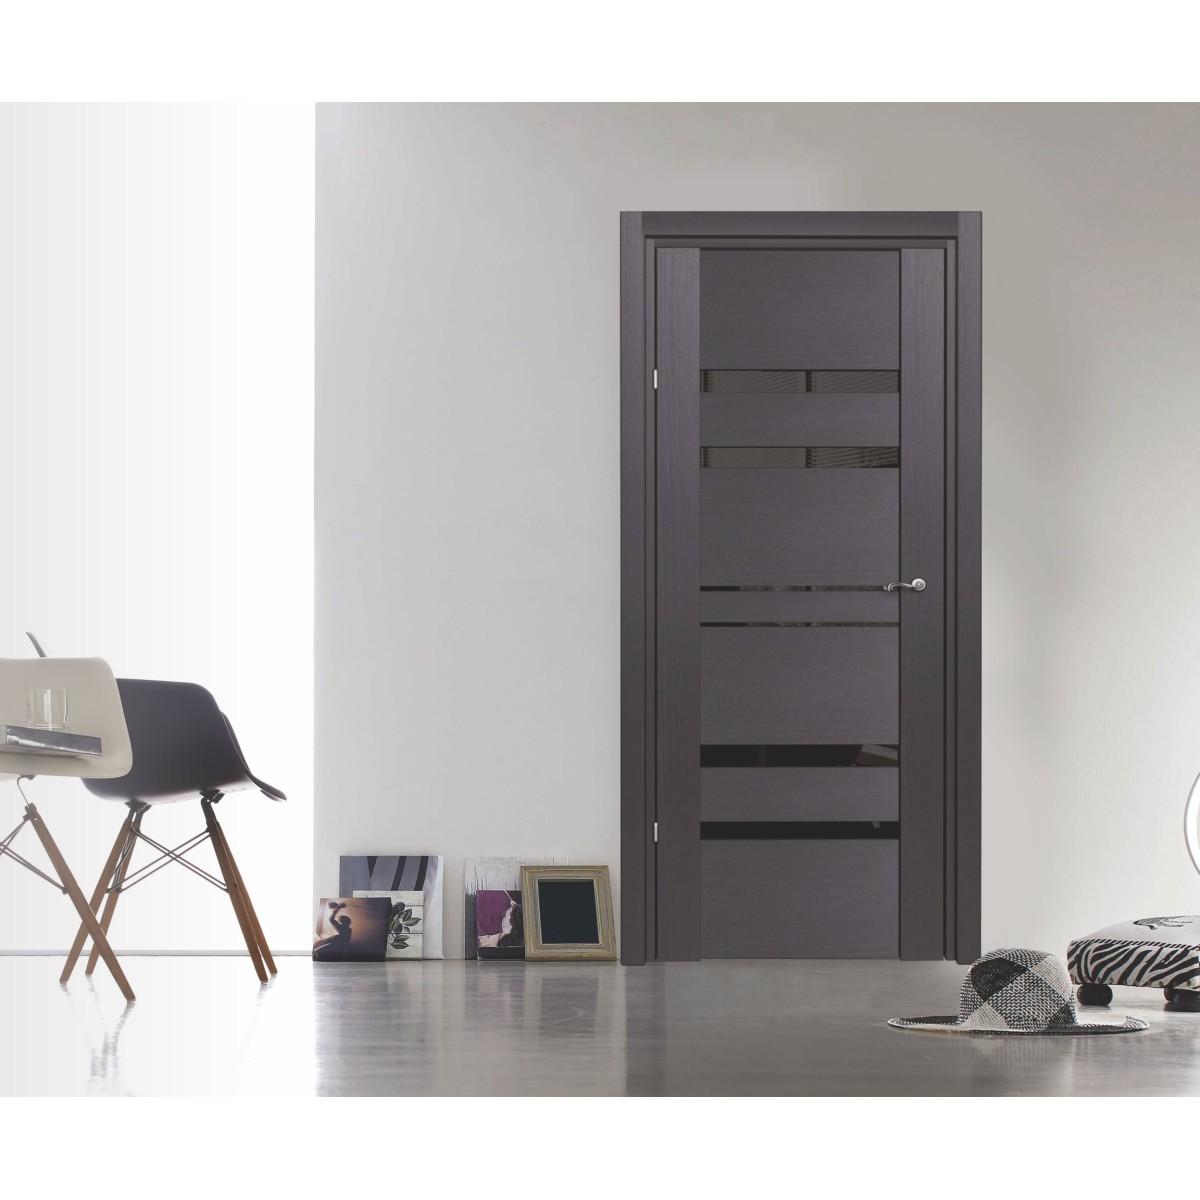 Дверь Межкомнатная Глухая C Замком И Петлями В Комплекте Artens Велдон 60x200 Hardflex Цвет Грей